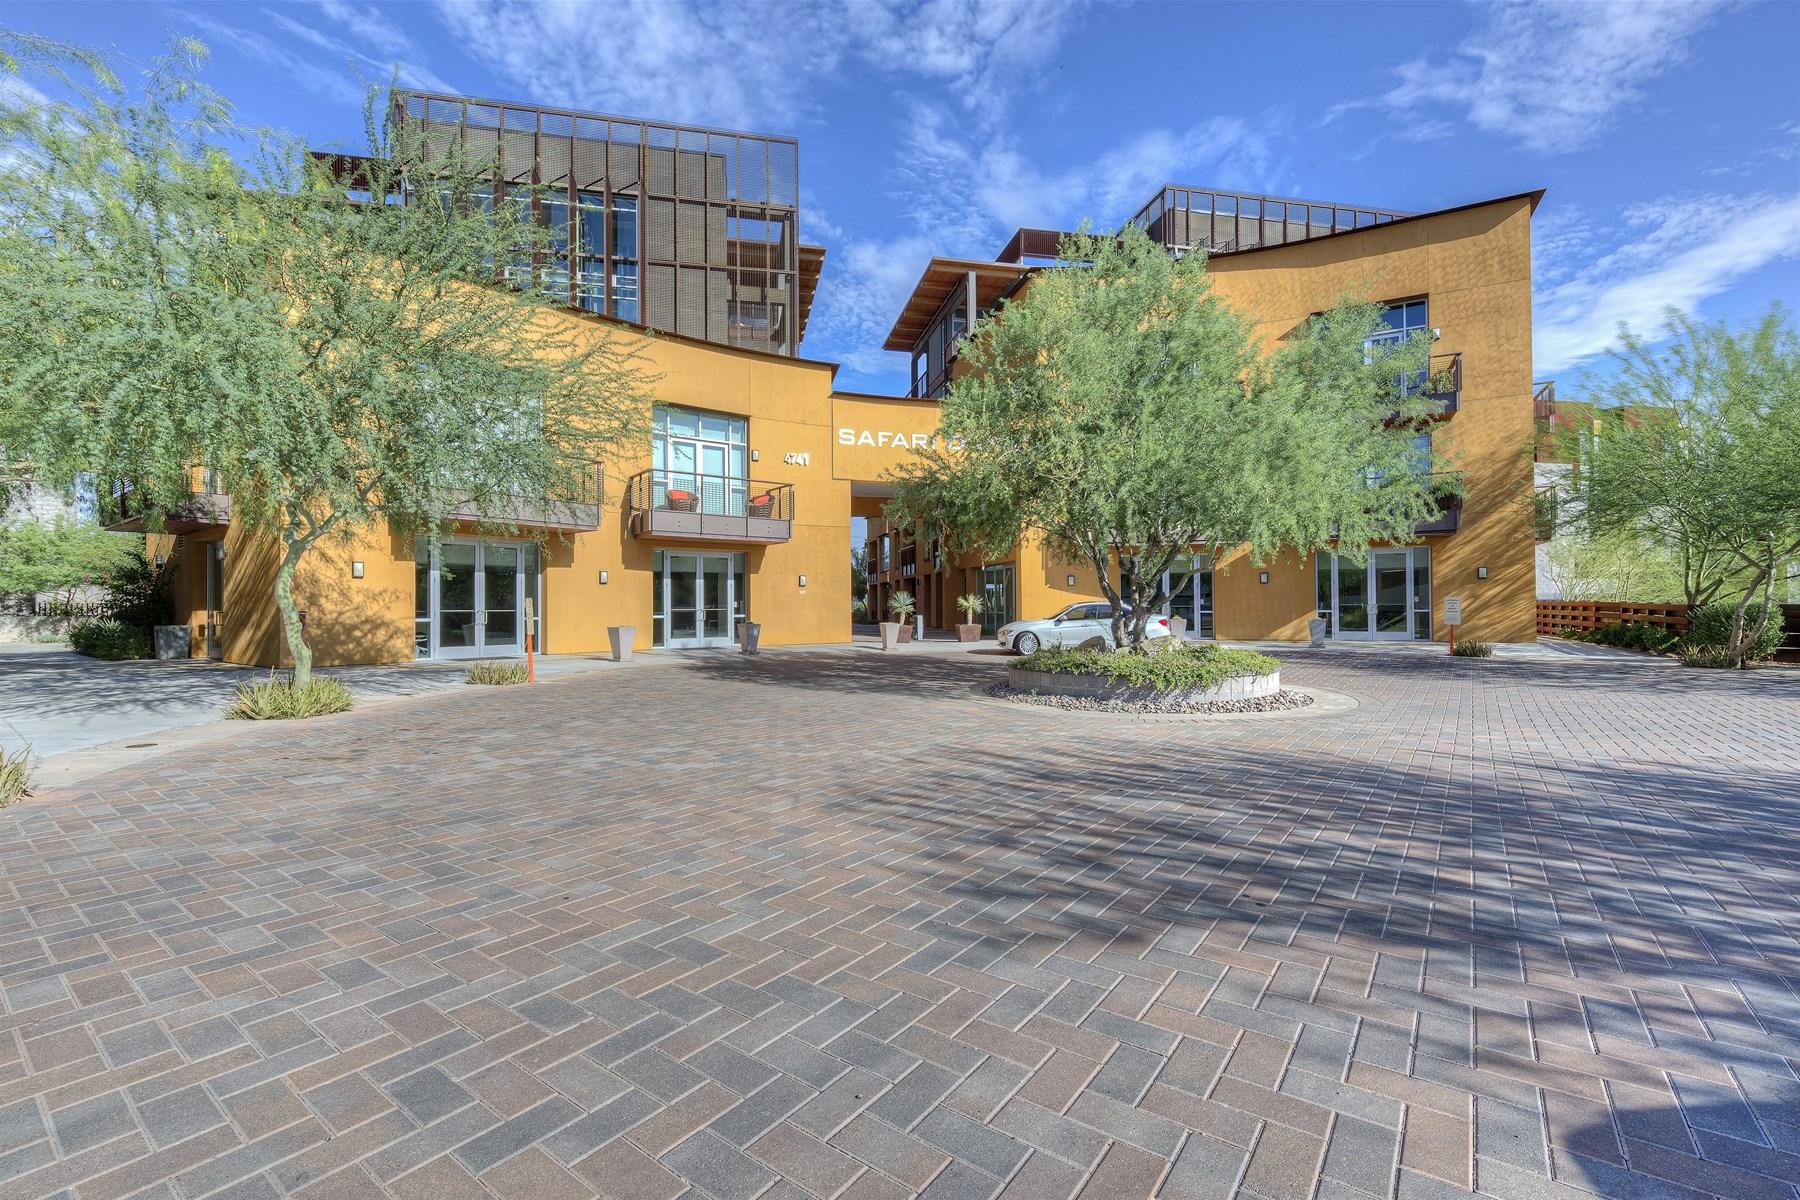 Appartement pour l Vente à Tremendous condo in exclusive Safari Drive. 4739 N Scottsdale RD 2001 Scottsdale, Arizona 85251 États-Unis